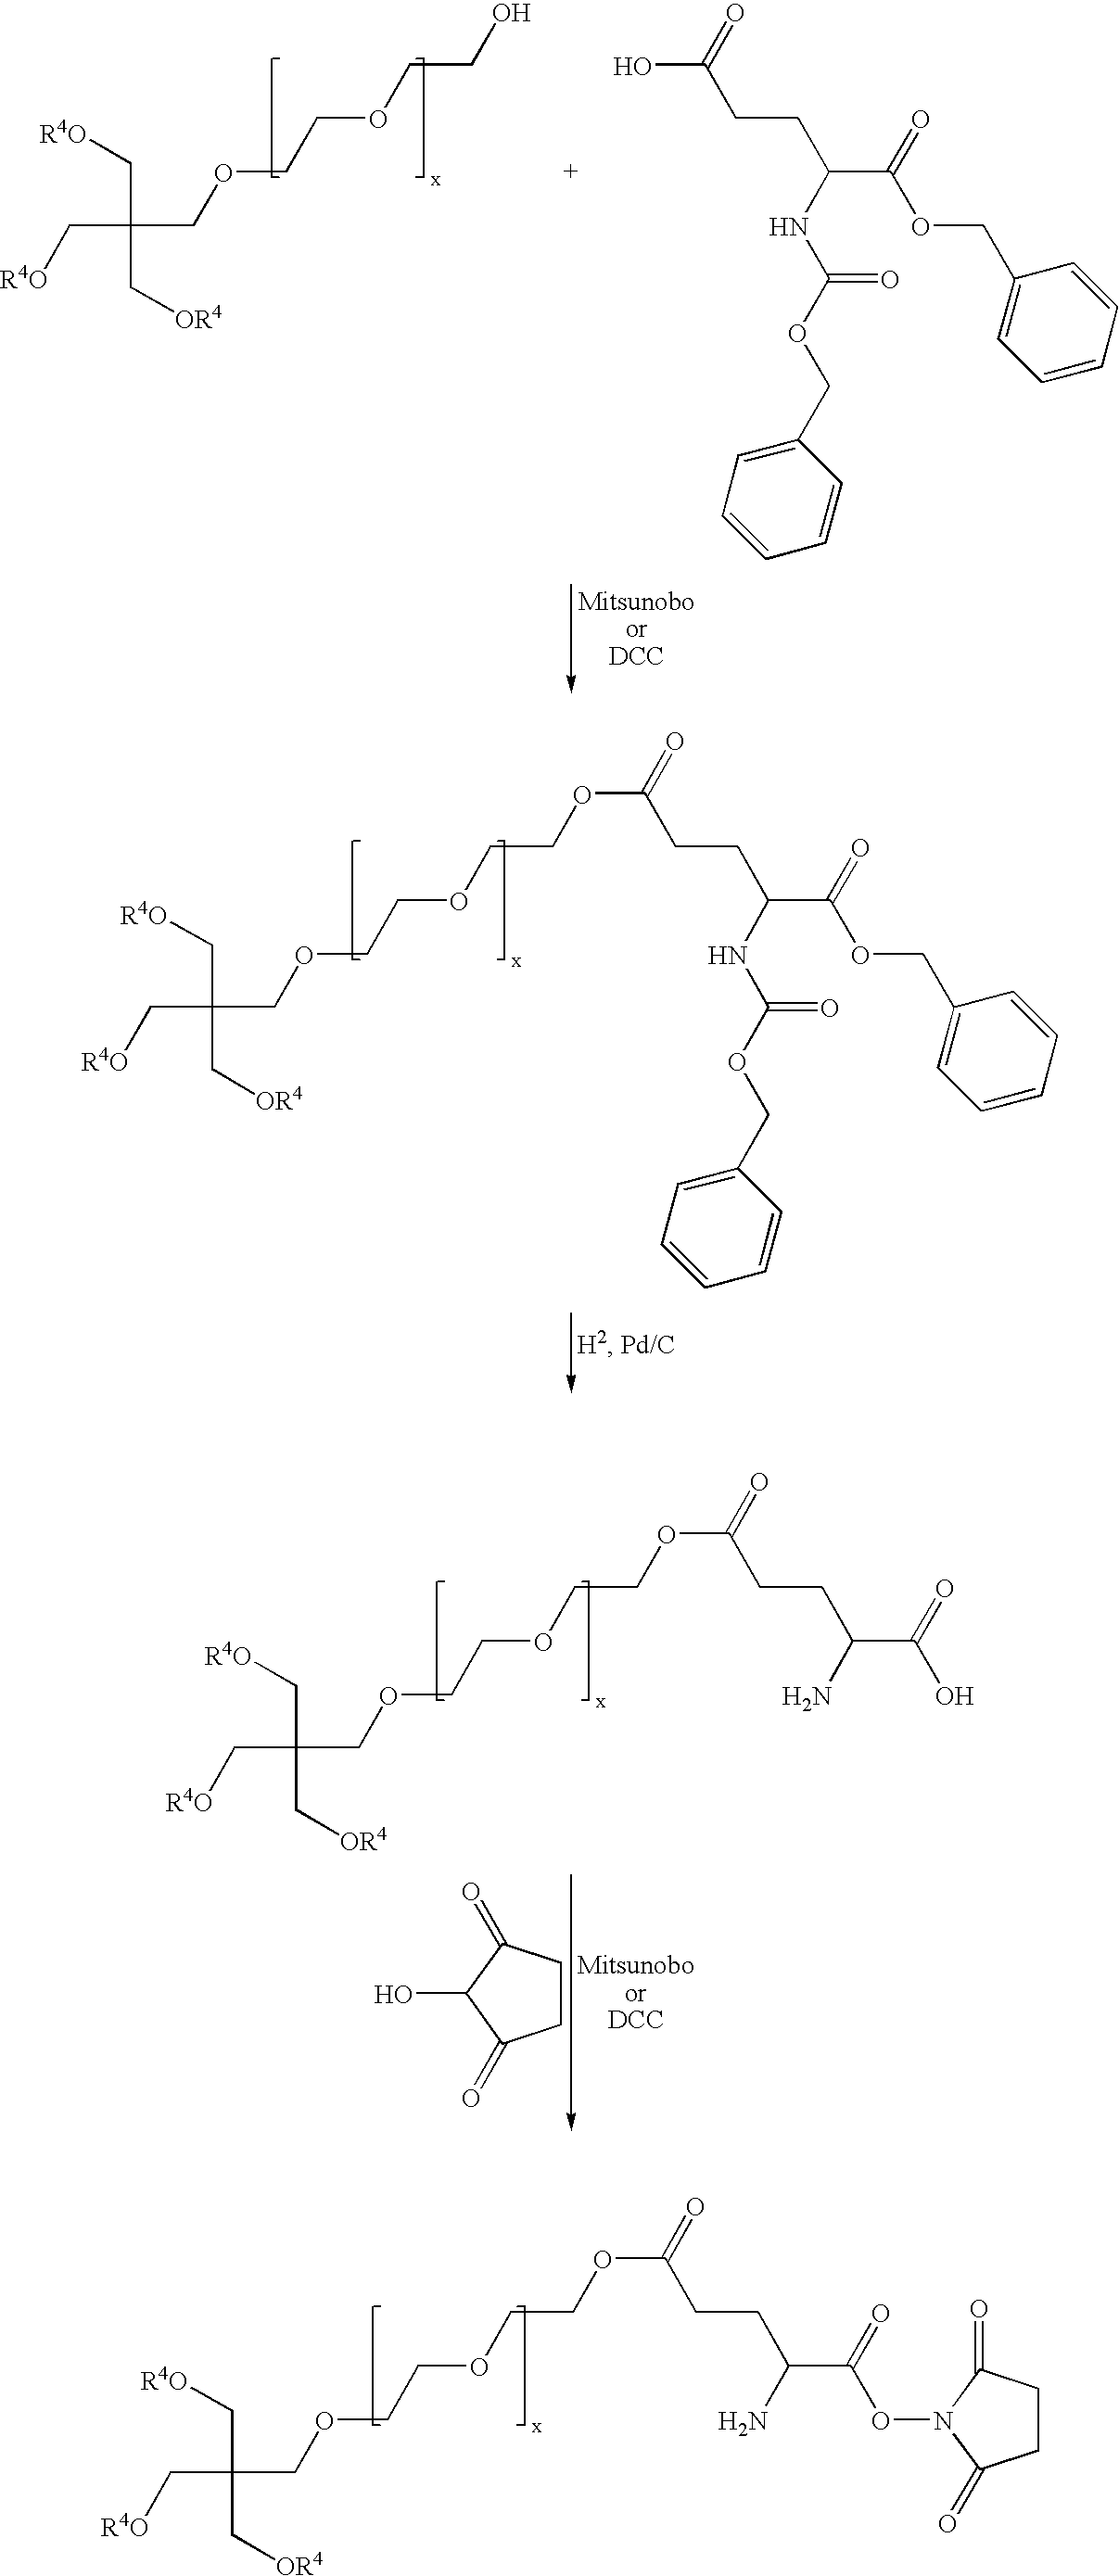 Figure US20060282123A1-20061214-C00119